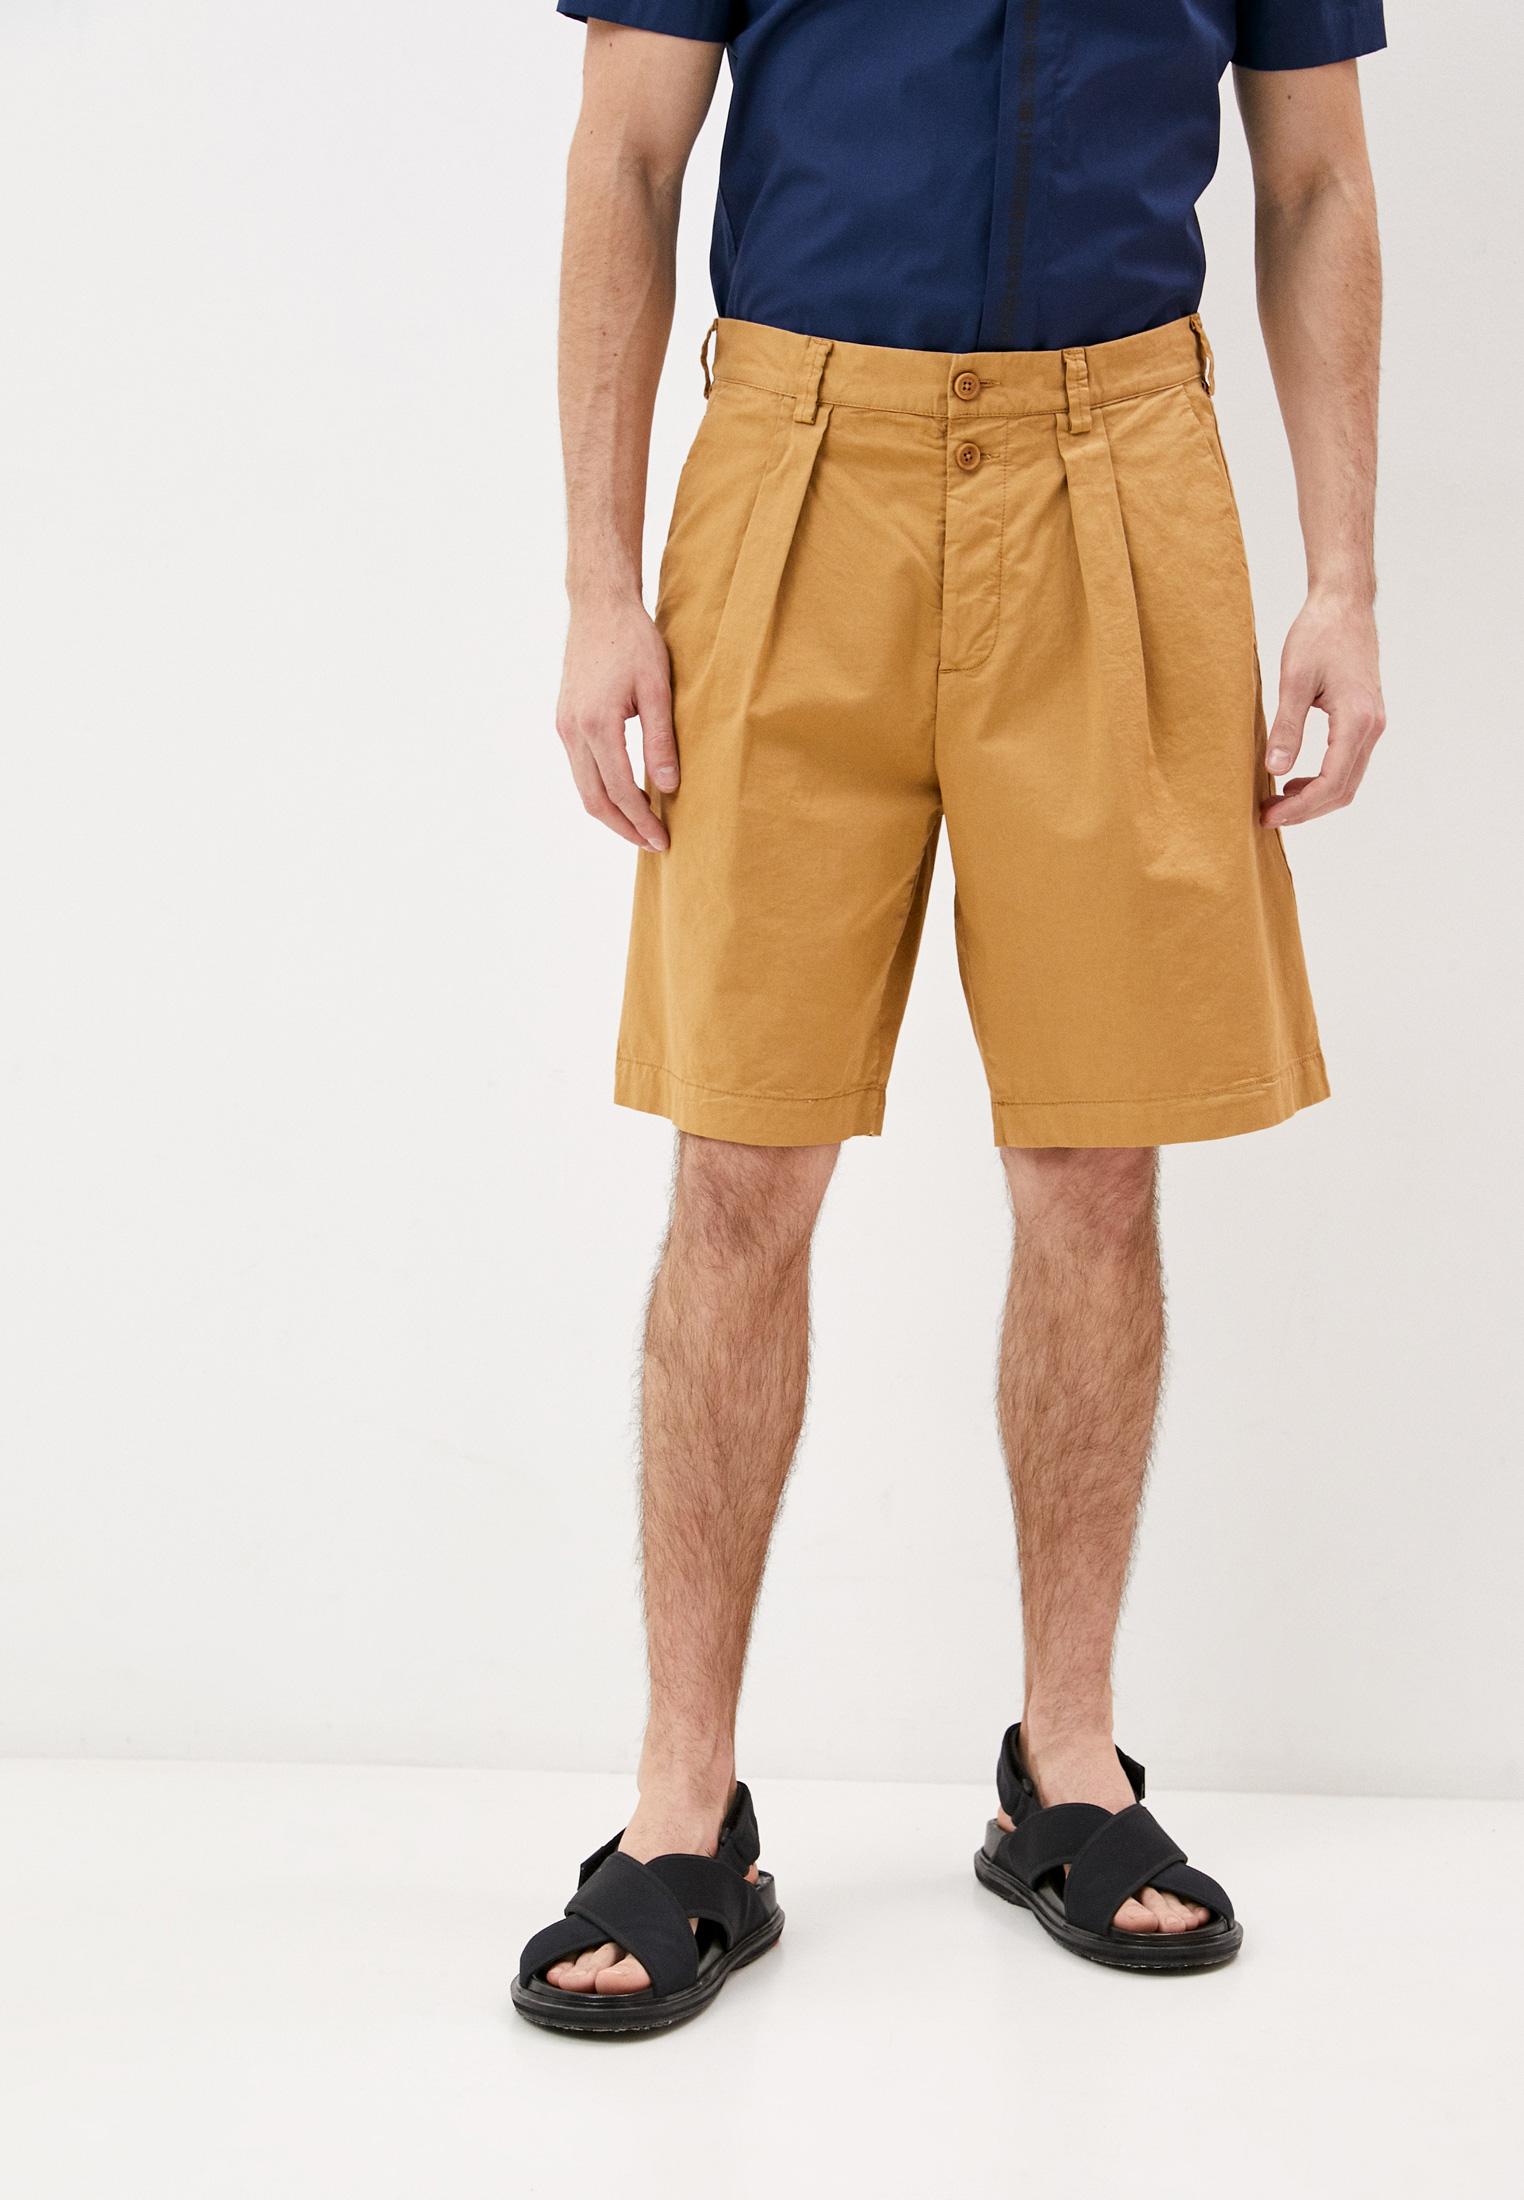 Мужские повседневные шорты Bikkembergs (Биккембергс) CO02300S3389F79: изображение 1